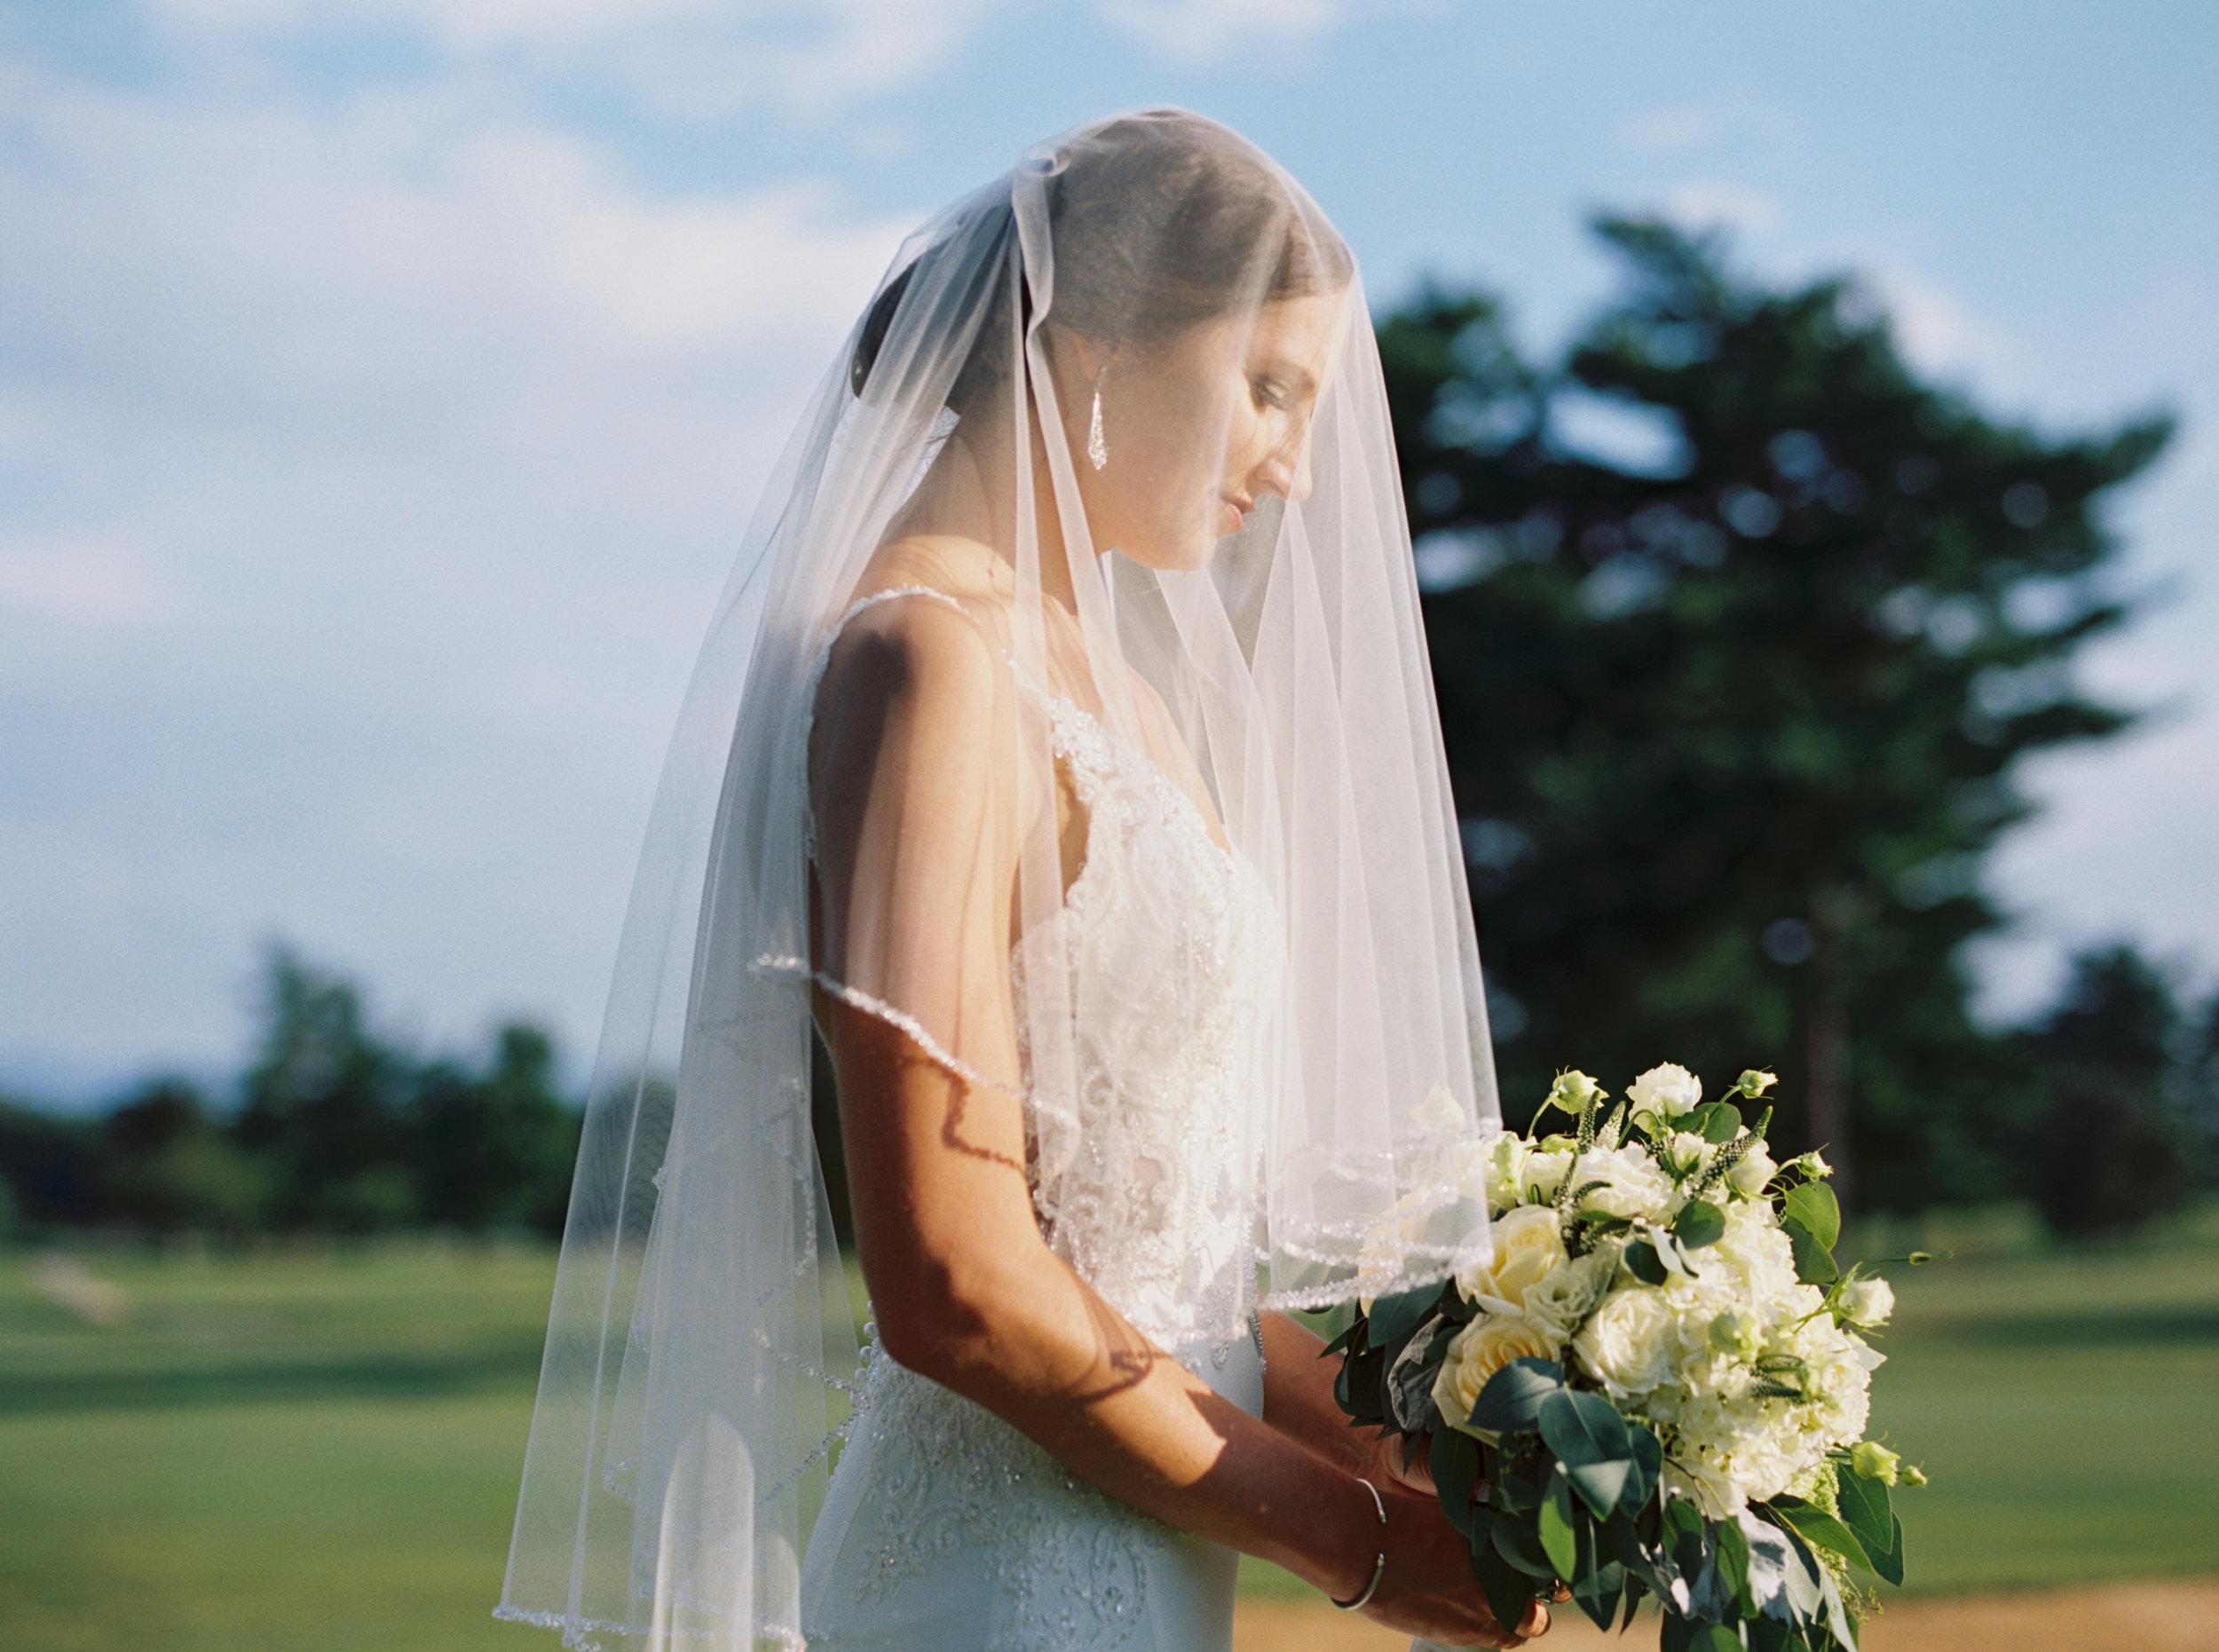 JJ_Sarah_Wedding_Abigail_Malone_Photography-451.jpg